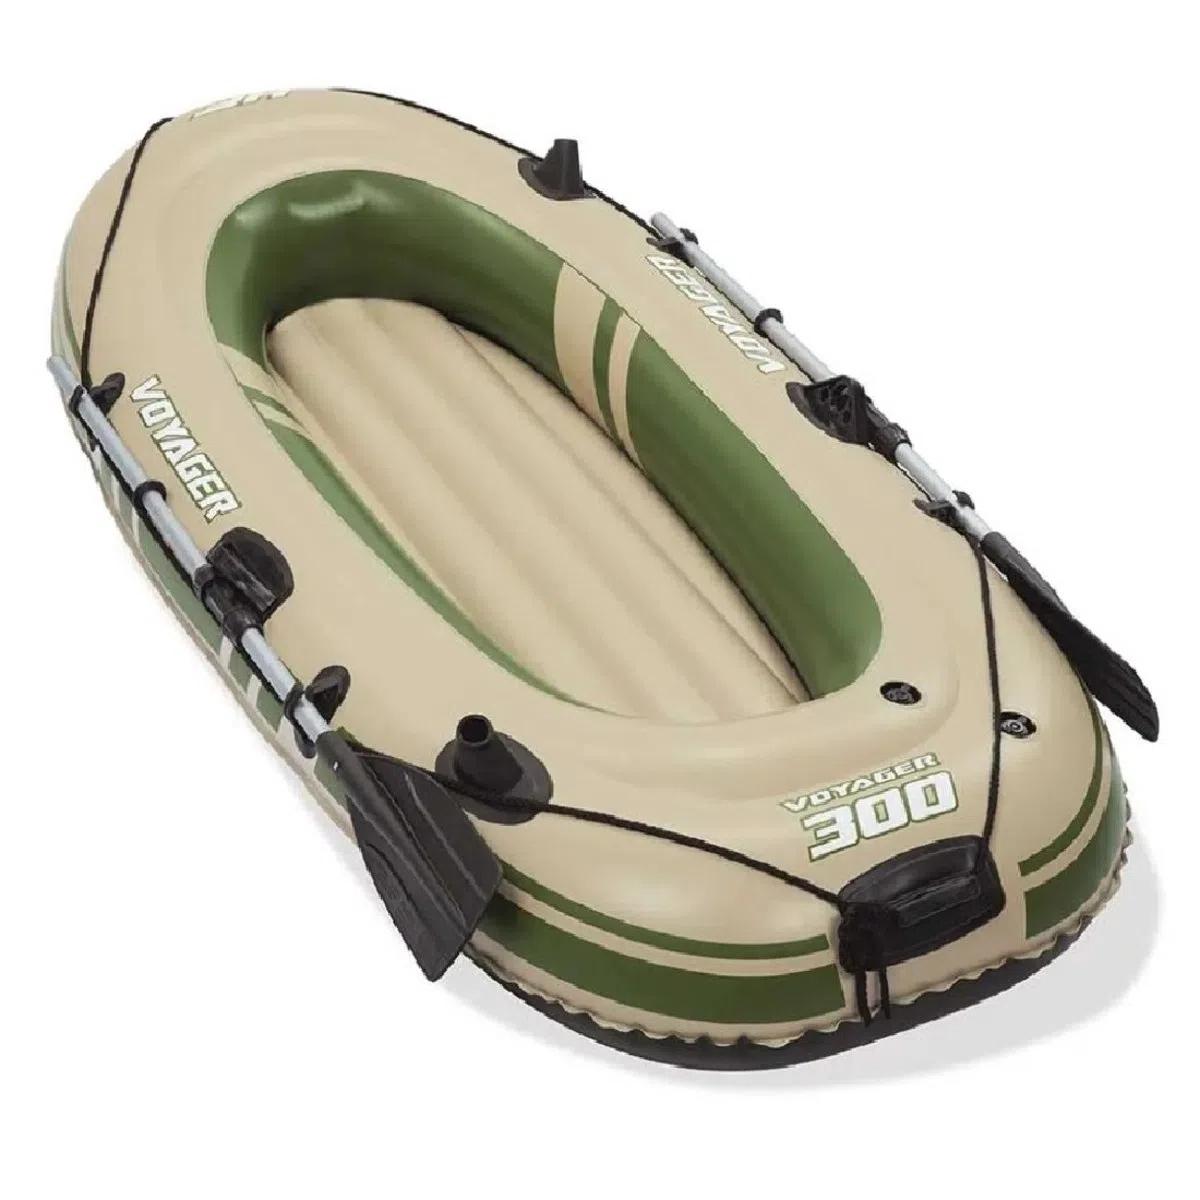 Bote inflável Para 2 Pessoas Bestway Voyager 300 Com Remos